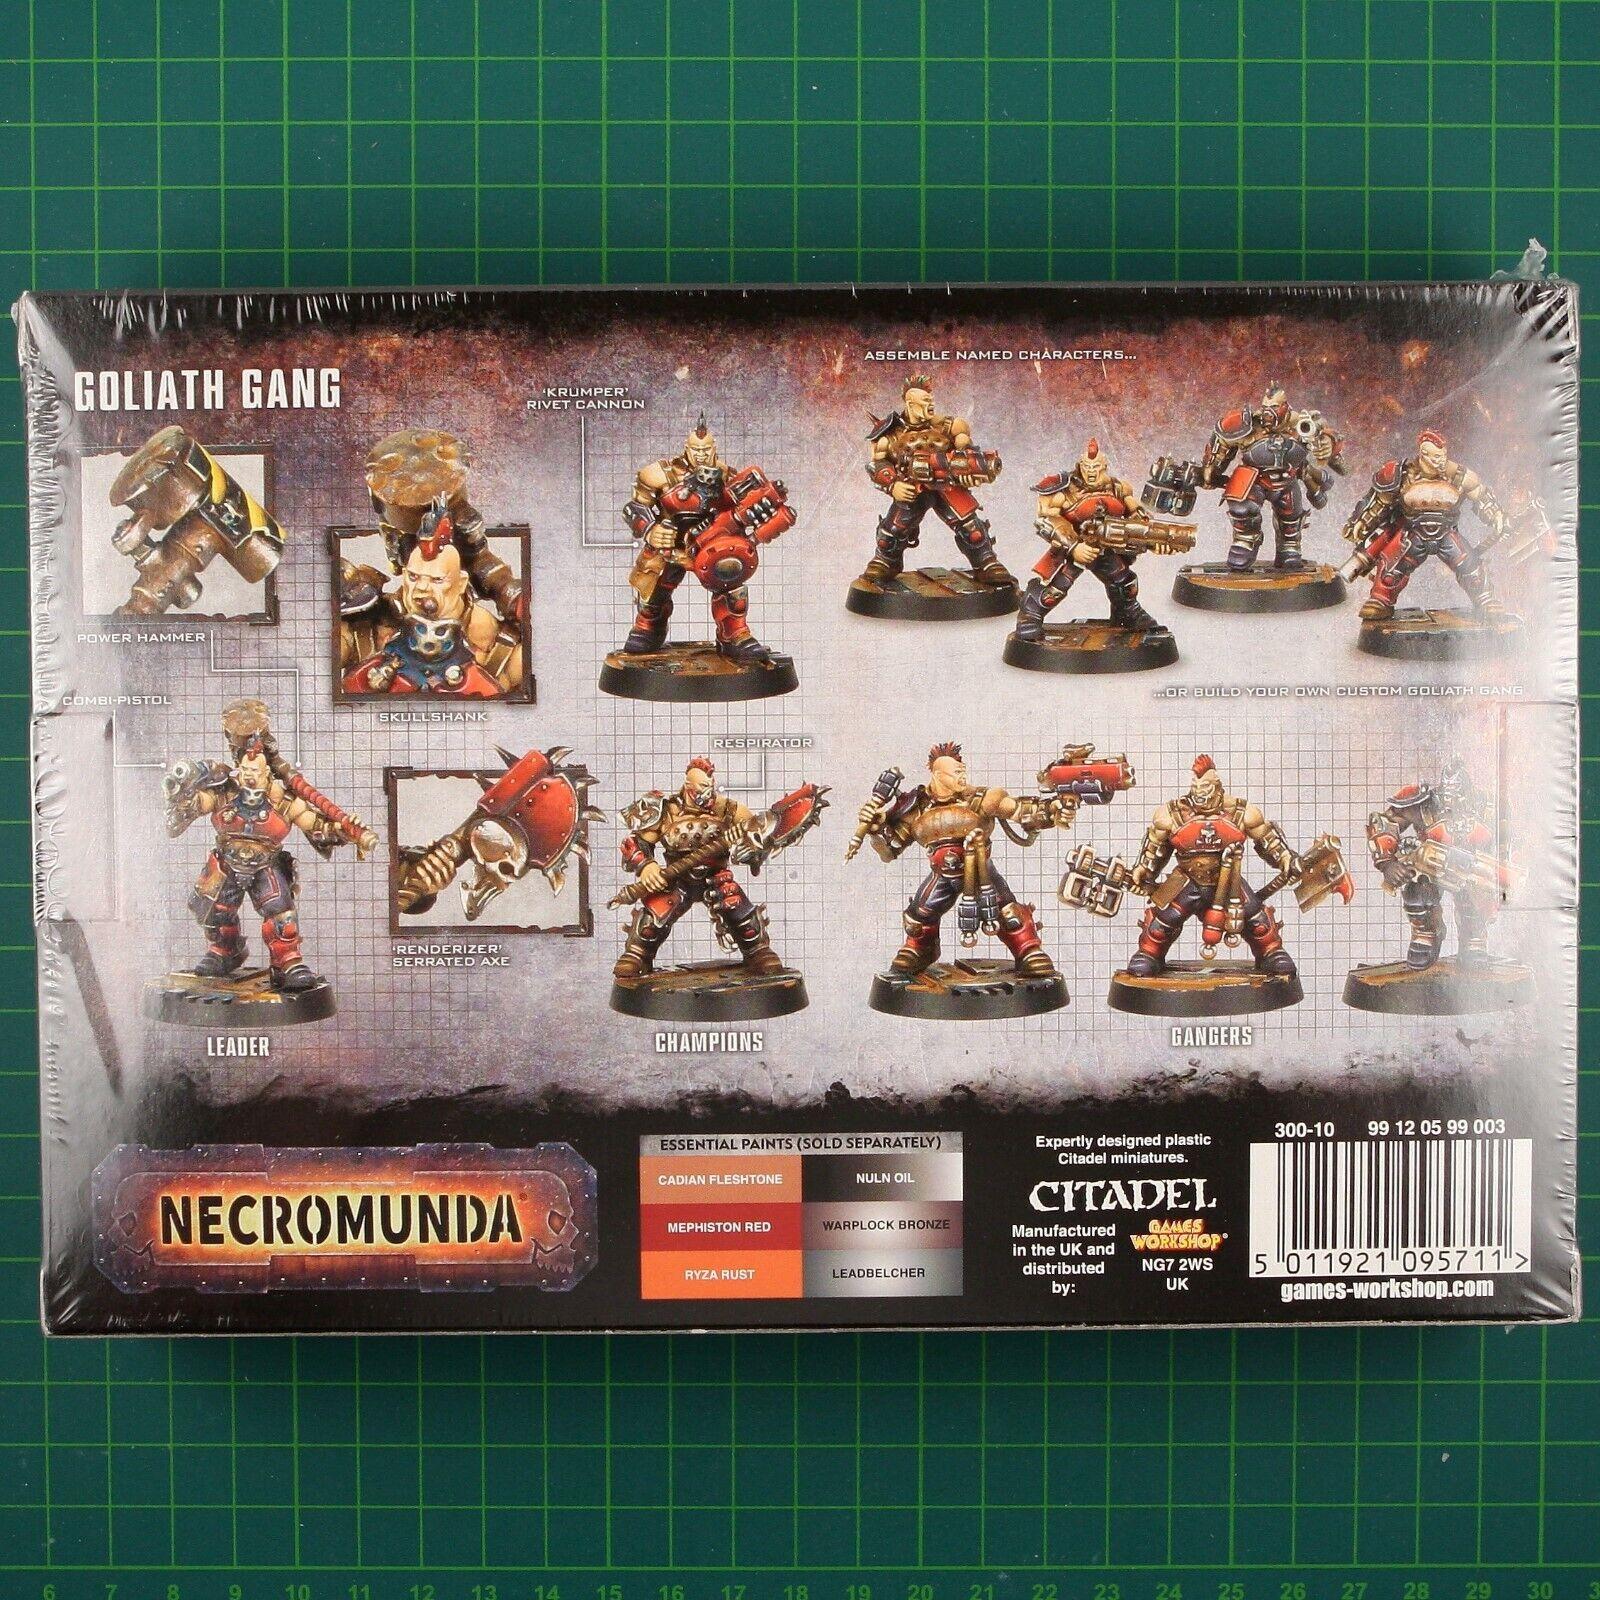 Goliath Gang 300-10